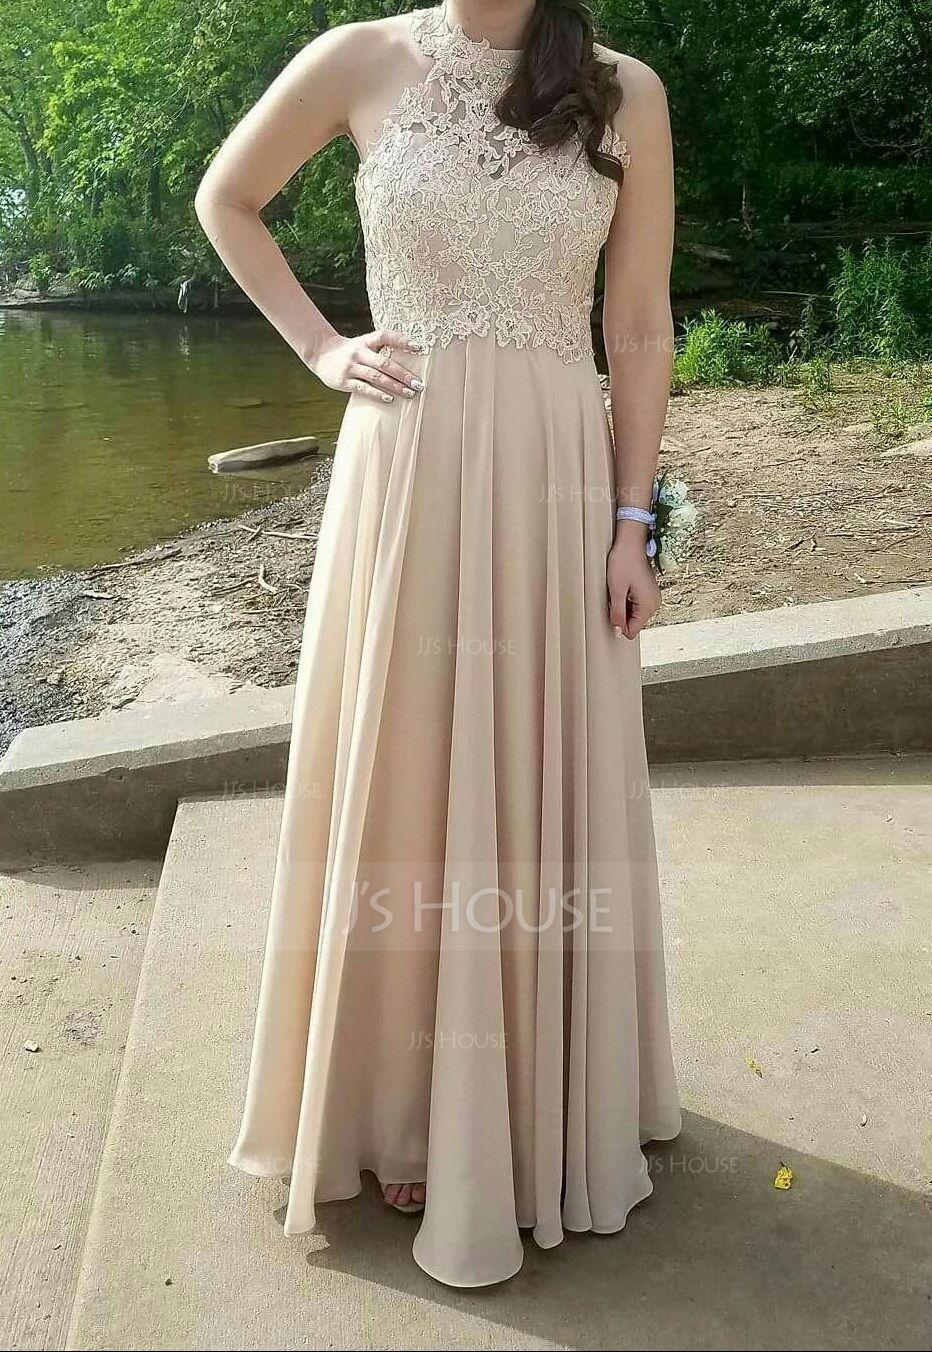 21e2182b052 A-Line Princess Scoop Neck Floor-Length Chiffon Prom Dresses With ...